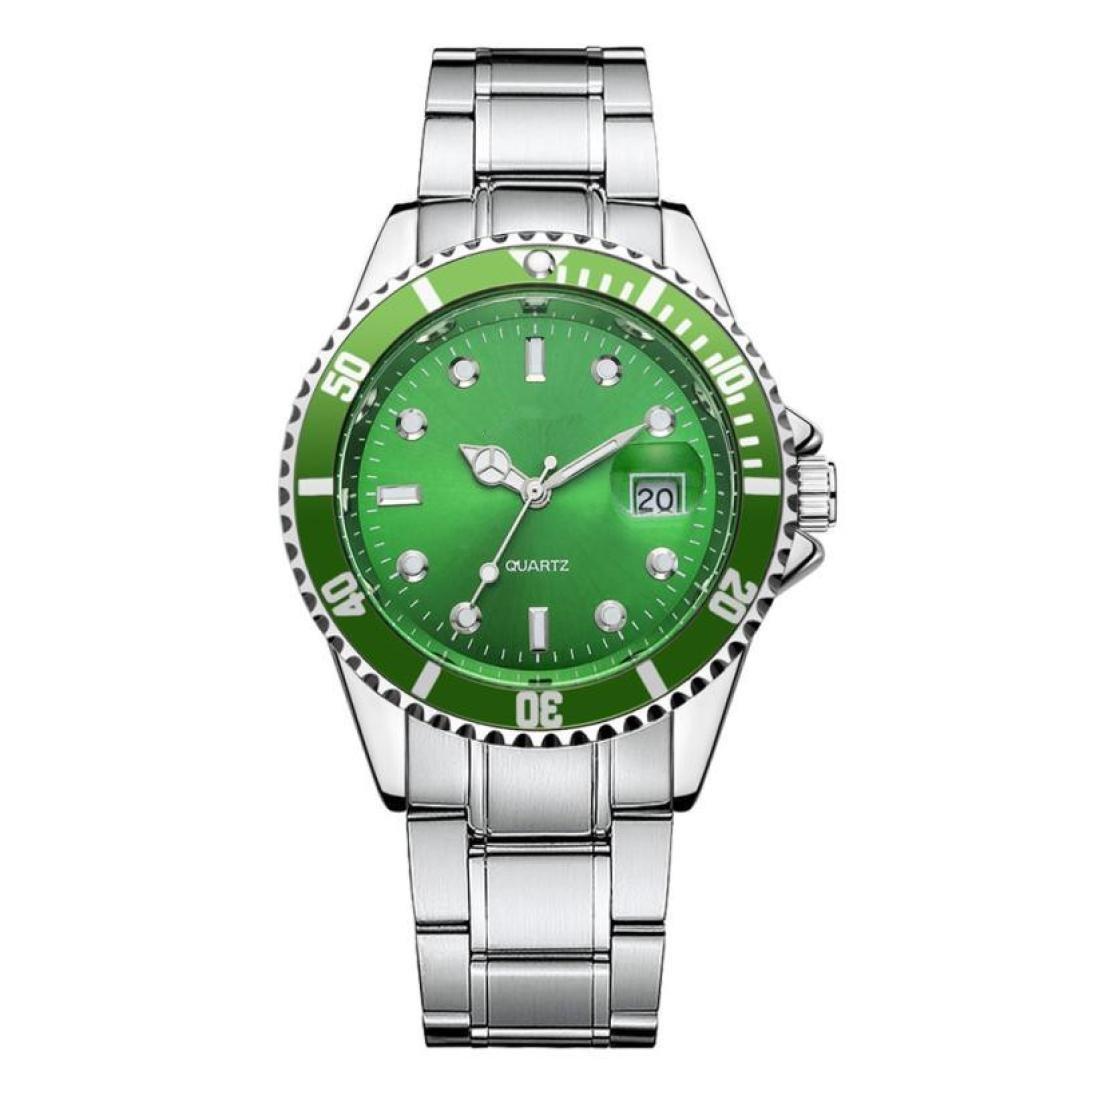 Reloj de calendario cuarzo analógico retro para hombre, QinMM reloj de negocios de acero inoxidable (Verde): Amazon.es: Relojes